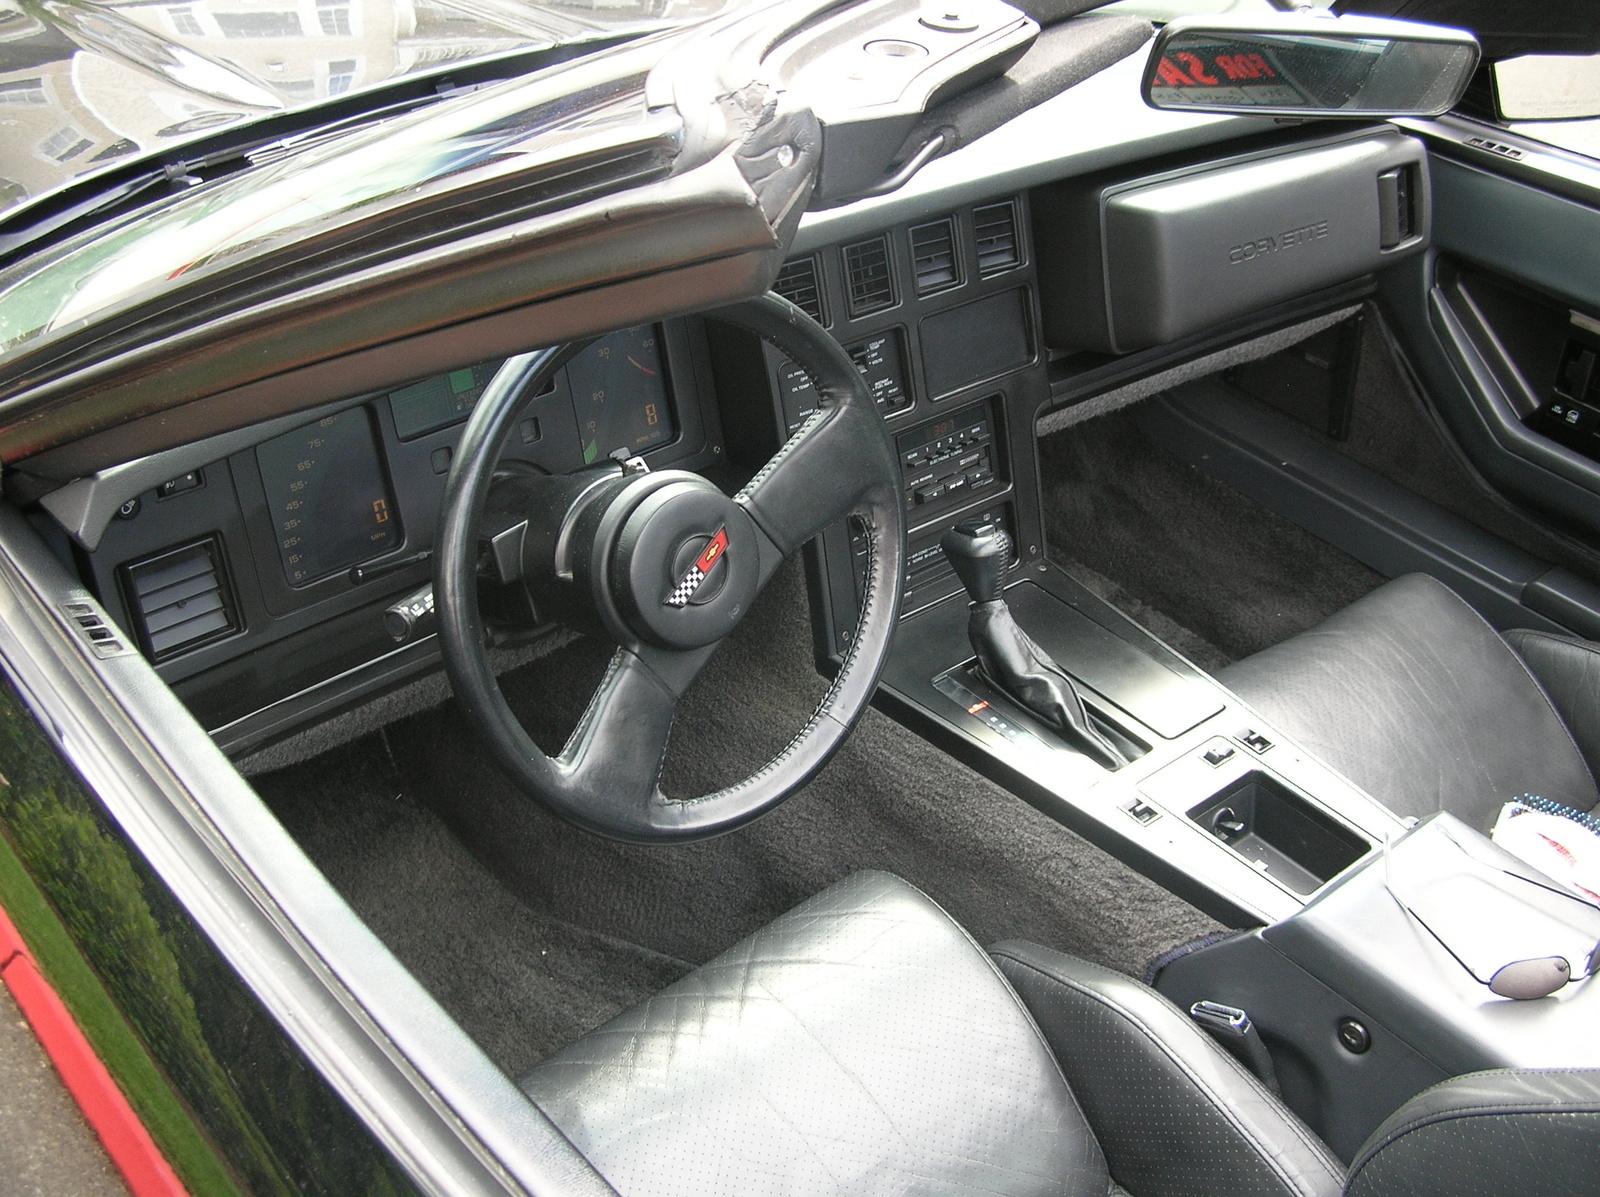 1984 Chevrolet Corvette Interior Pictures Cargurus